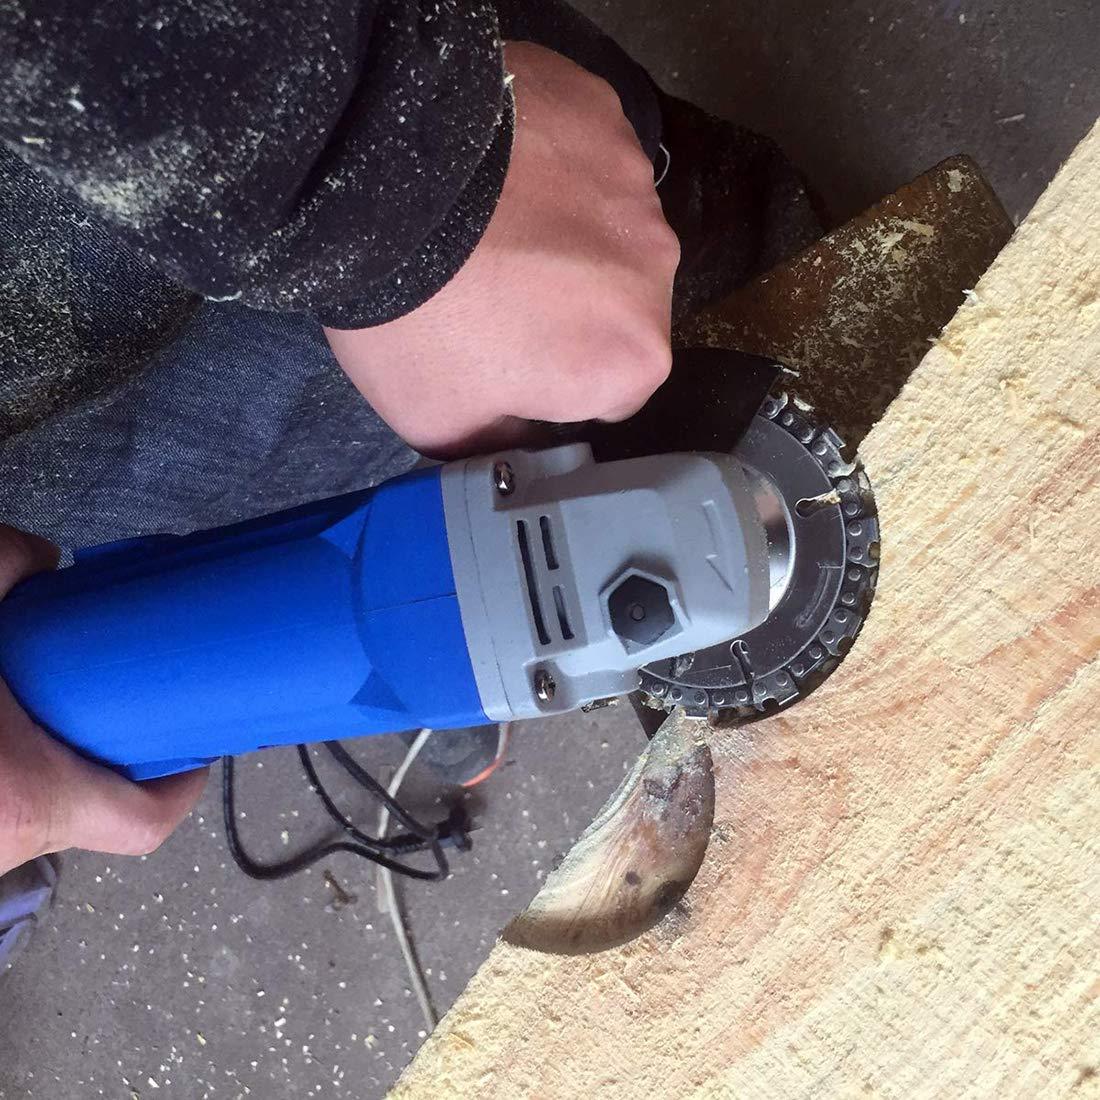 cadena 22 diente bien cortar cadena 4 pulgadas Grinder disco multi funcion de madera para 100//115 amoladora amoladora